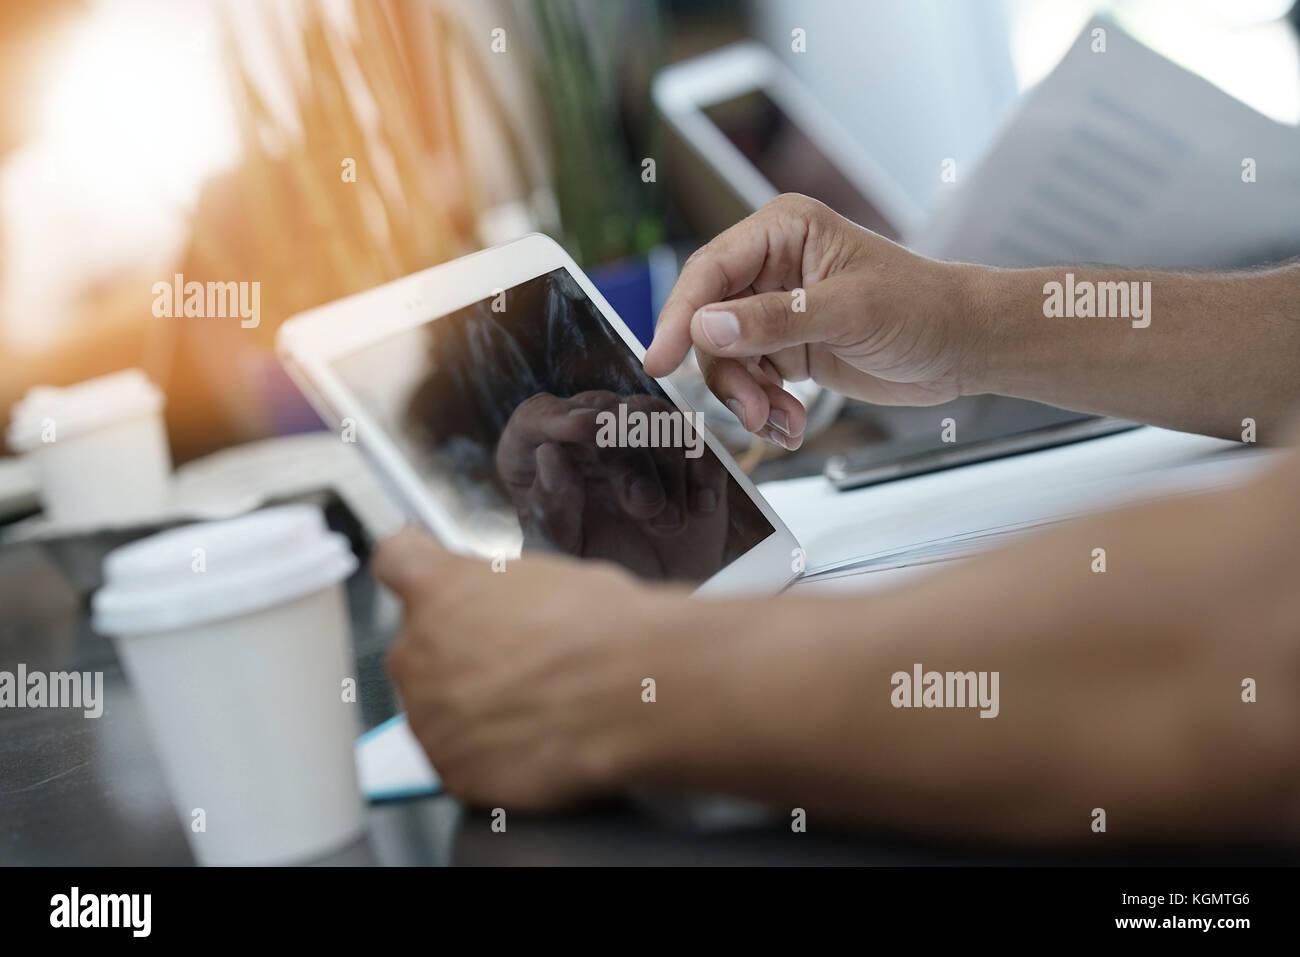 Libre d'écran de tablette numérique Photo Stock